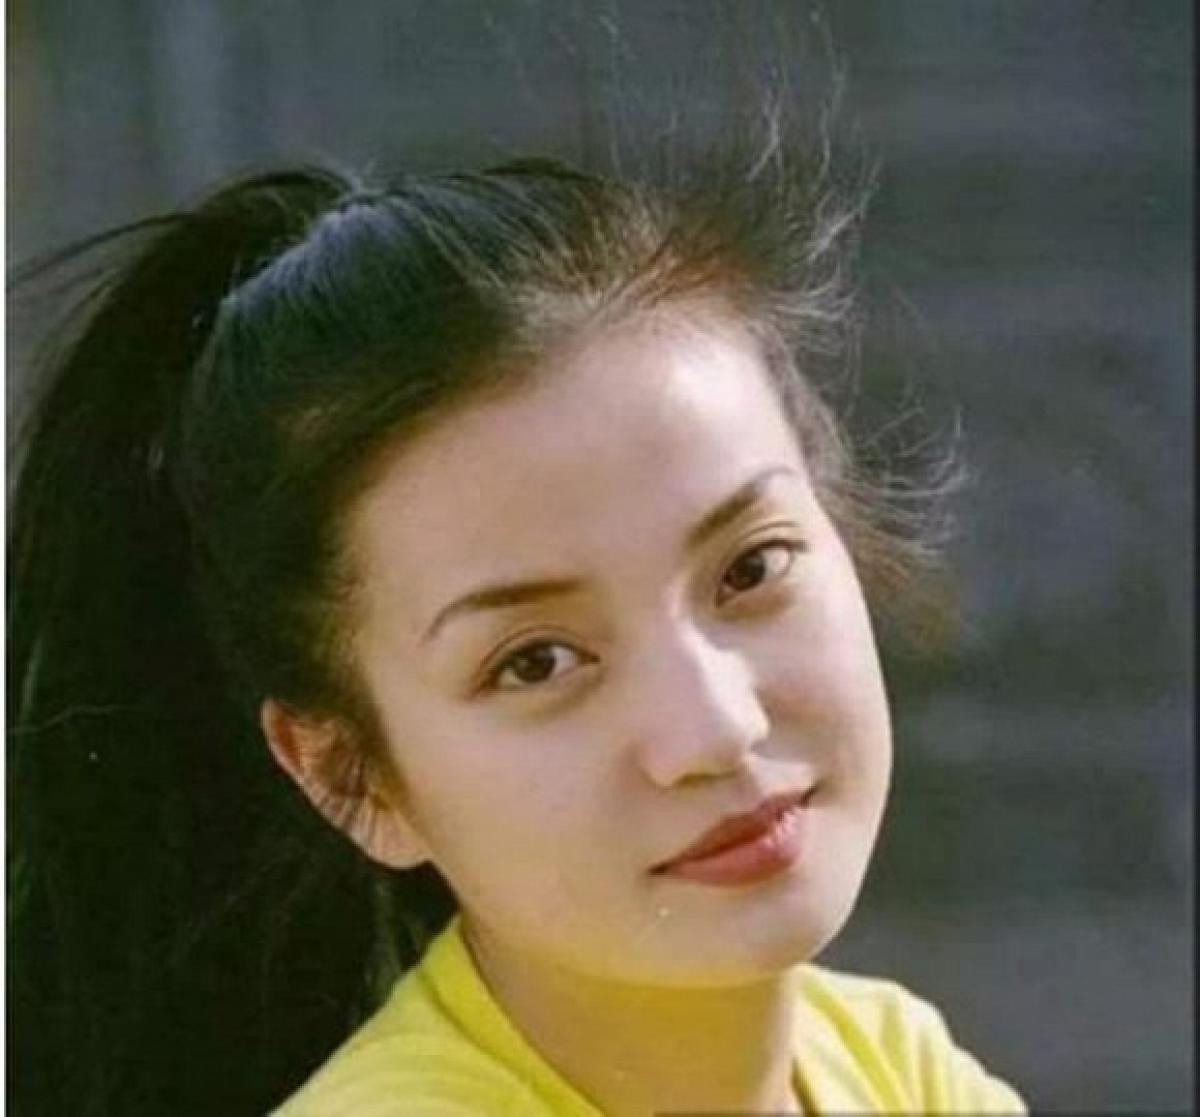 Với nhan sắc đẹp như tranh vẽ, Triệu Vy từng đã hút hồn Huỳnh Hiểu Minh ngay từ khi ngồi trên ghế nhà trường. (Ngôi sao)